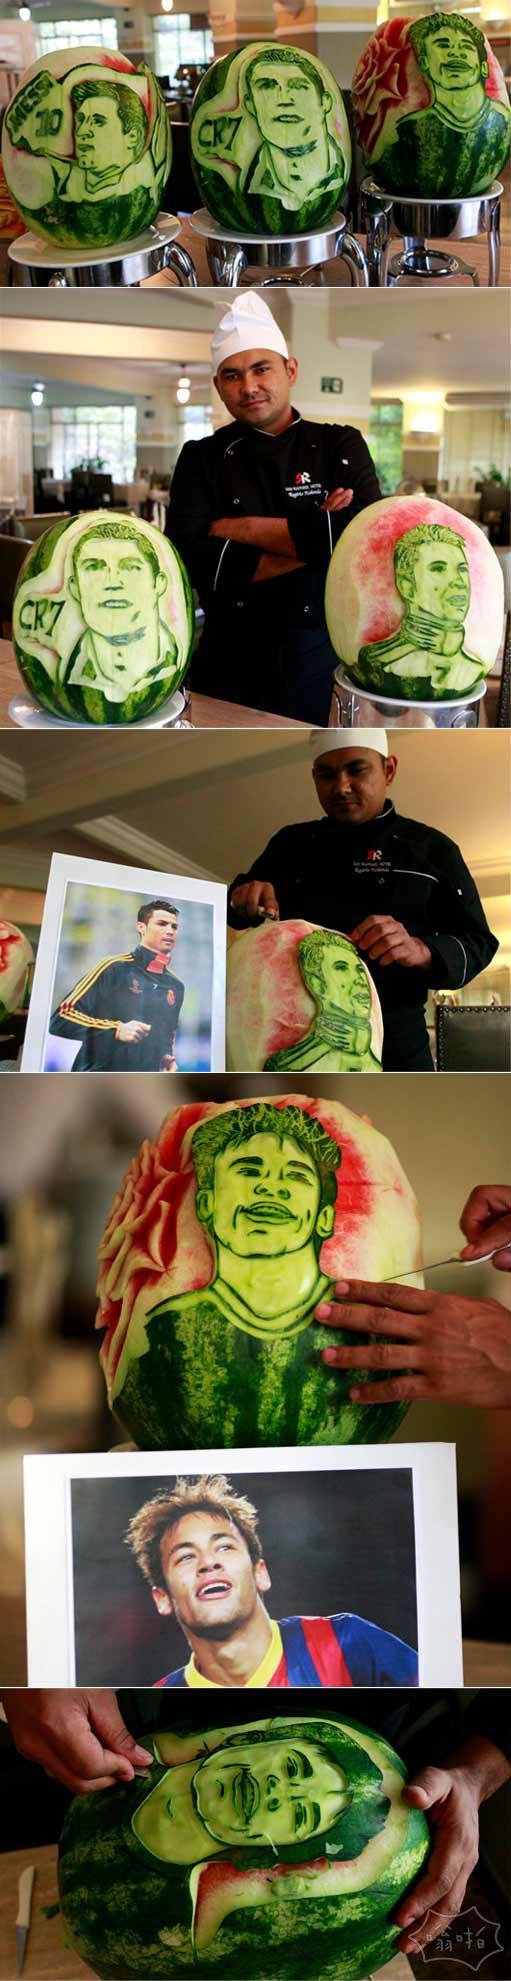 世界杯将近,巴西圣保牛人用西瓜雕刻足球明星像,西瓜呈现了C罗、梅西和内马尔的头像。